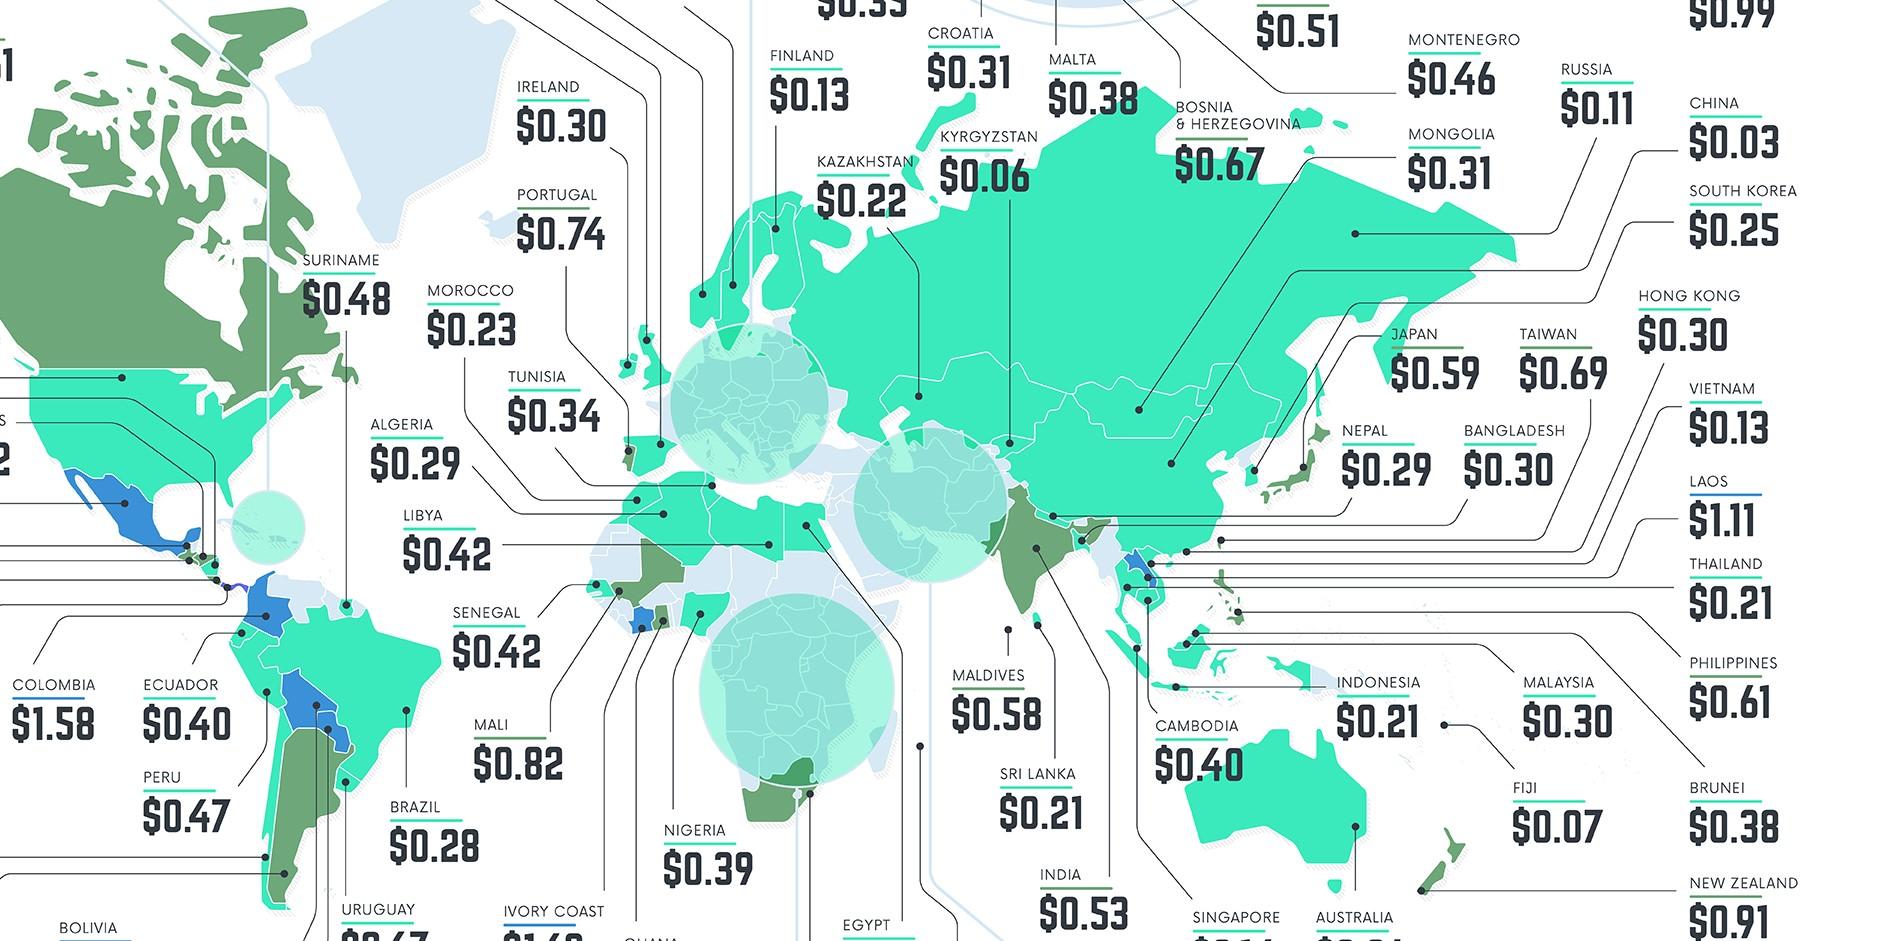 โปรมือถือถูกที่สุดในโลก... ประเทศอิสราเอลคว้าแชมป์ ขณะที่ไทยแพ้เวียดนาม ค่าบริการมือถือ 10GB ต่อ 1Mbps อยู่ที่ 0.21 เหรียญสหรัฐ